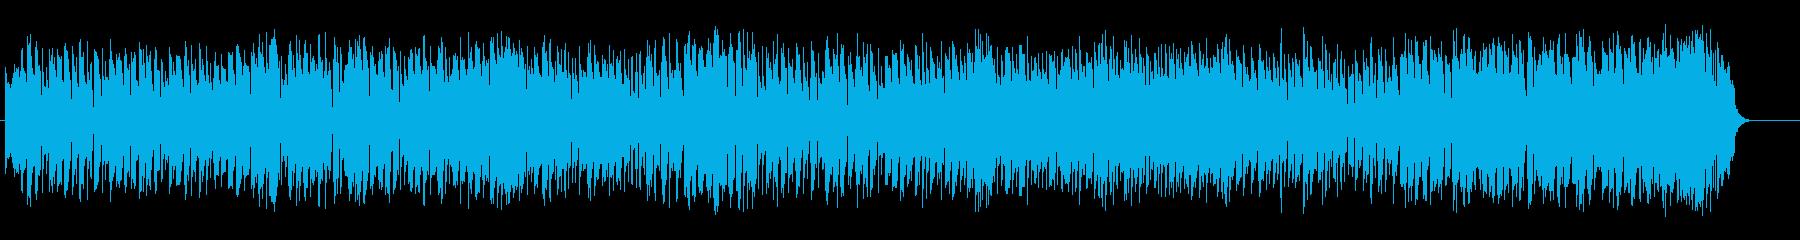 華やかさを押さえたテーマパーク音楽の再生済みの波形